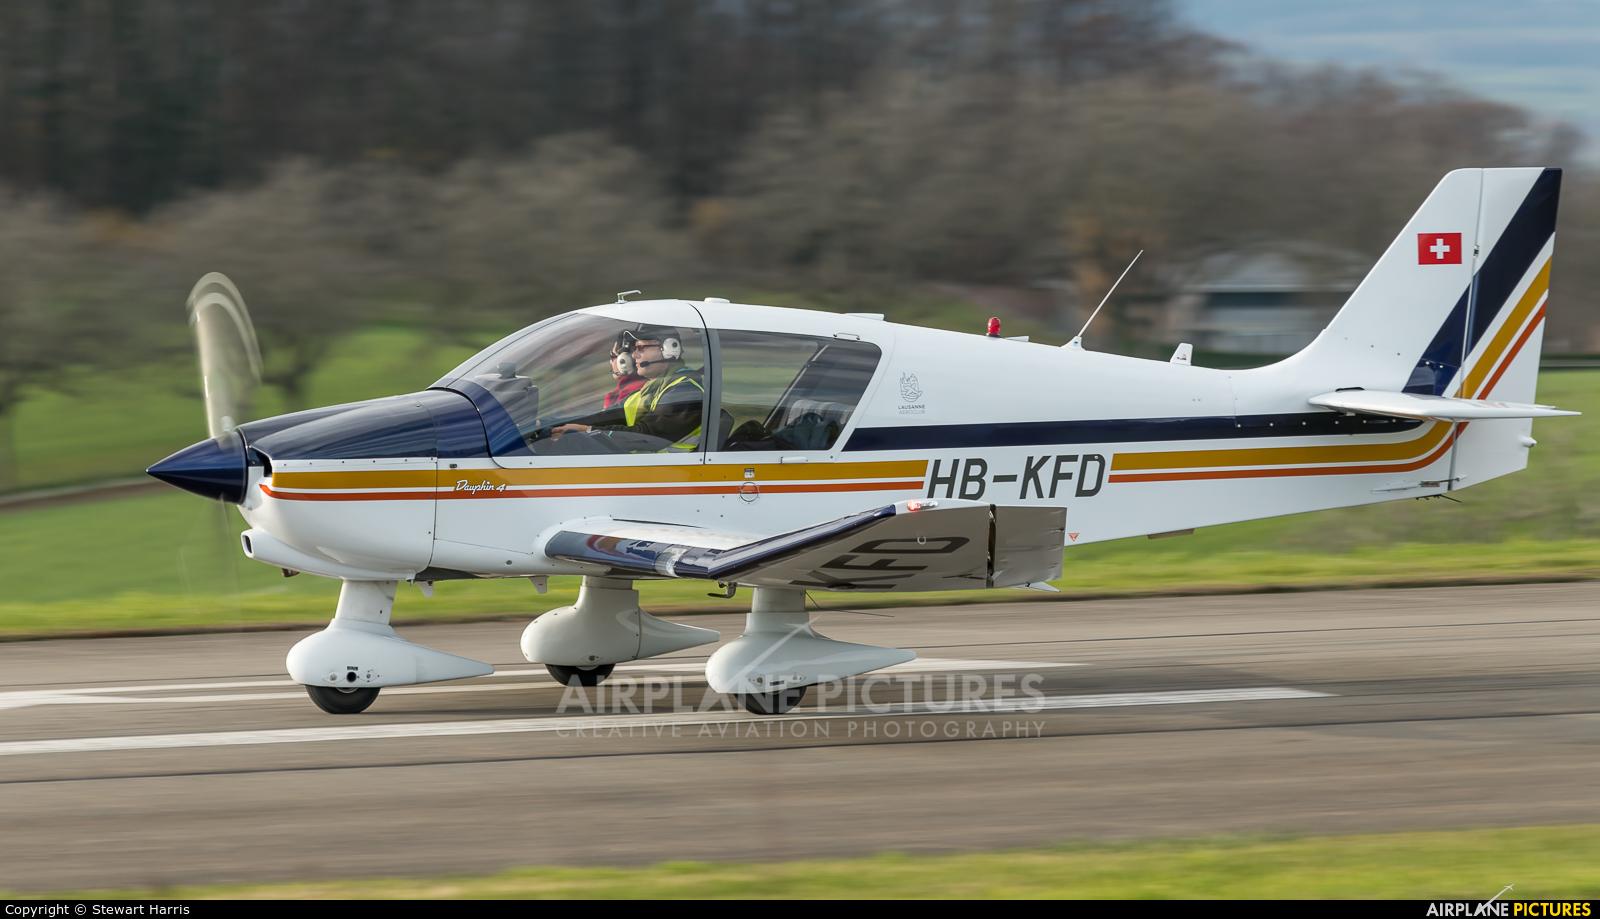 Groupement de Vol à Moteur - Lausanne HB-KFD aircraft at Lausanne - La Blécherette